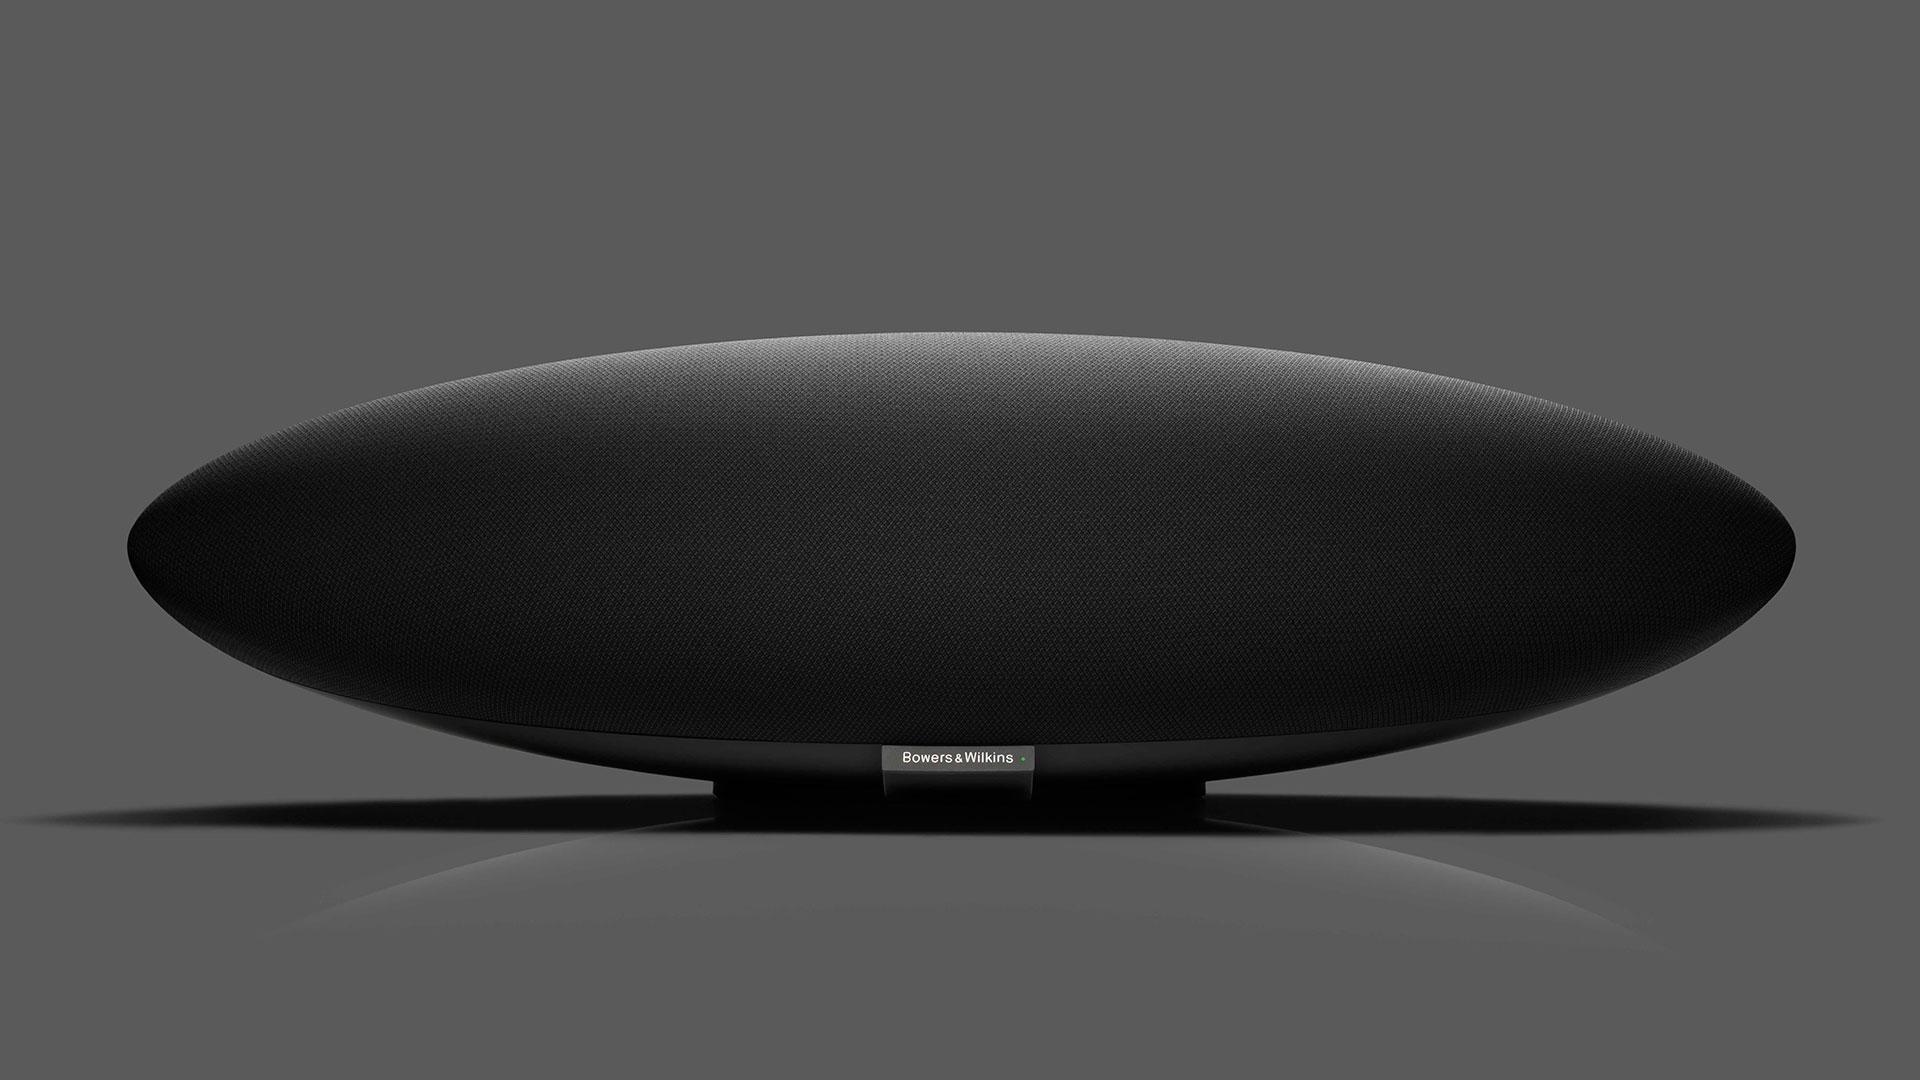 Bowers-Wilkins-BW-Zeppelin-Wireless